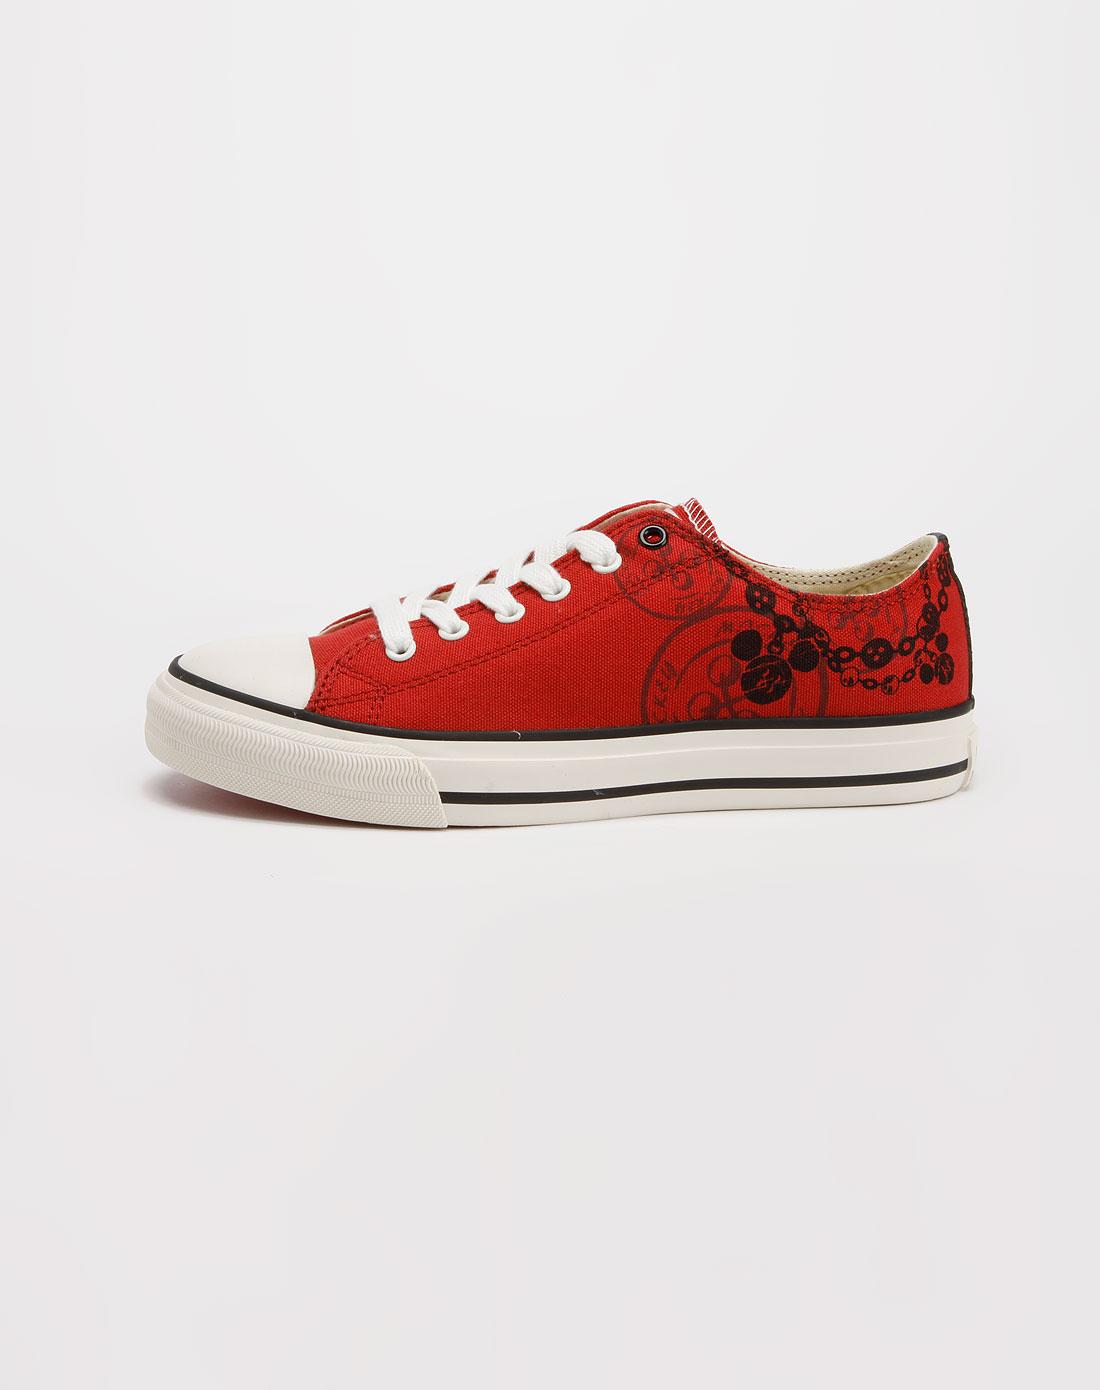 迪士尼disney米奇女款暗红色帆布鞋